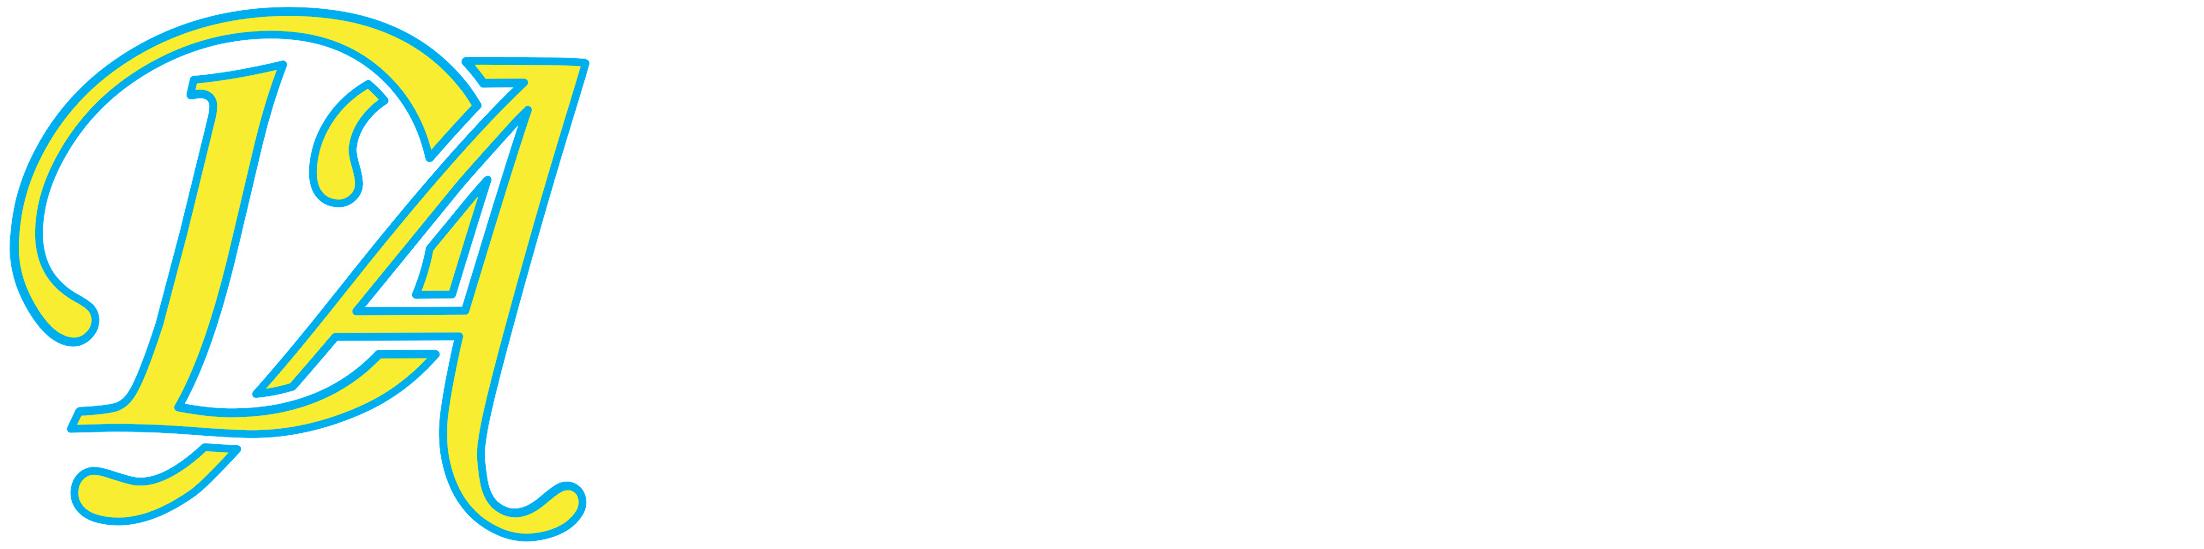 Delrose Awards